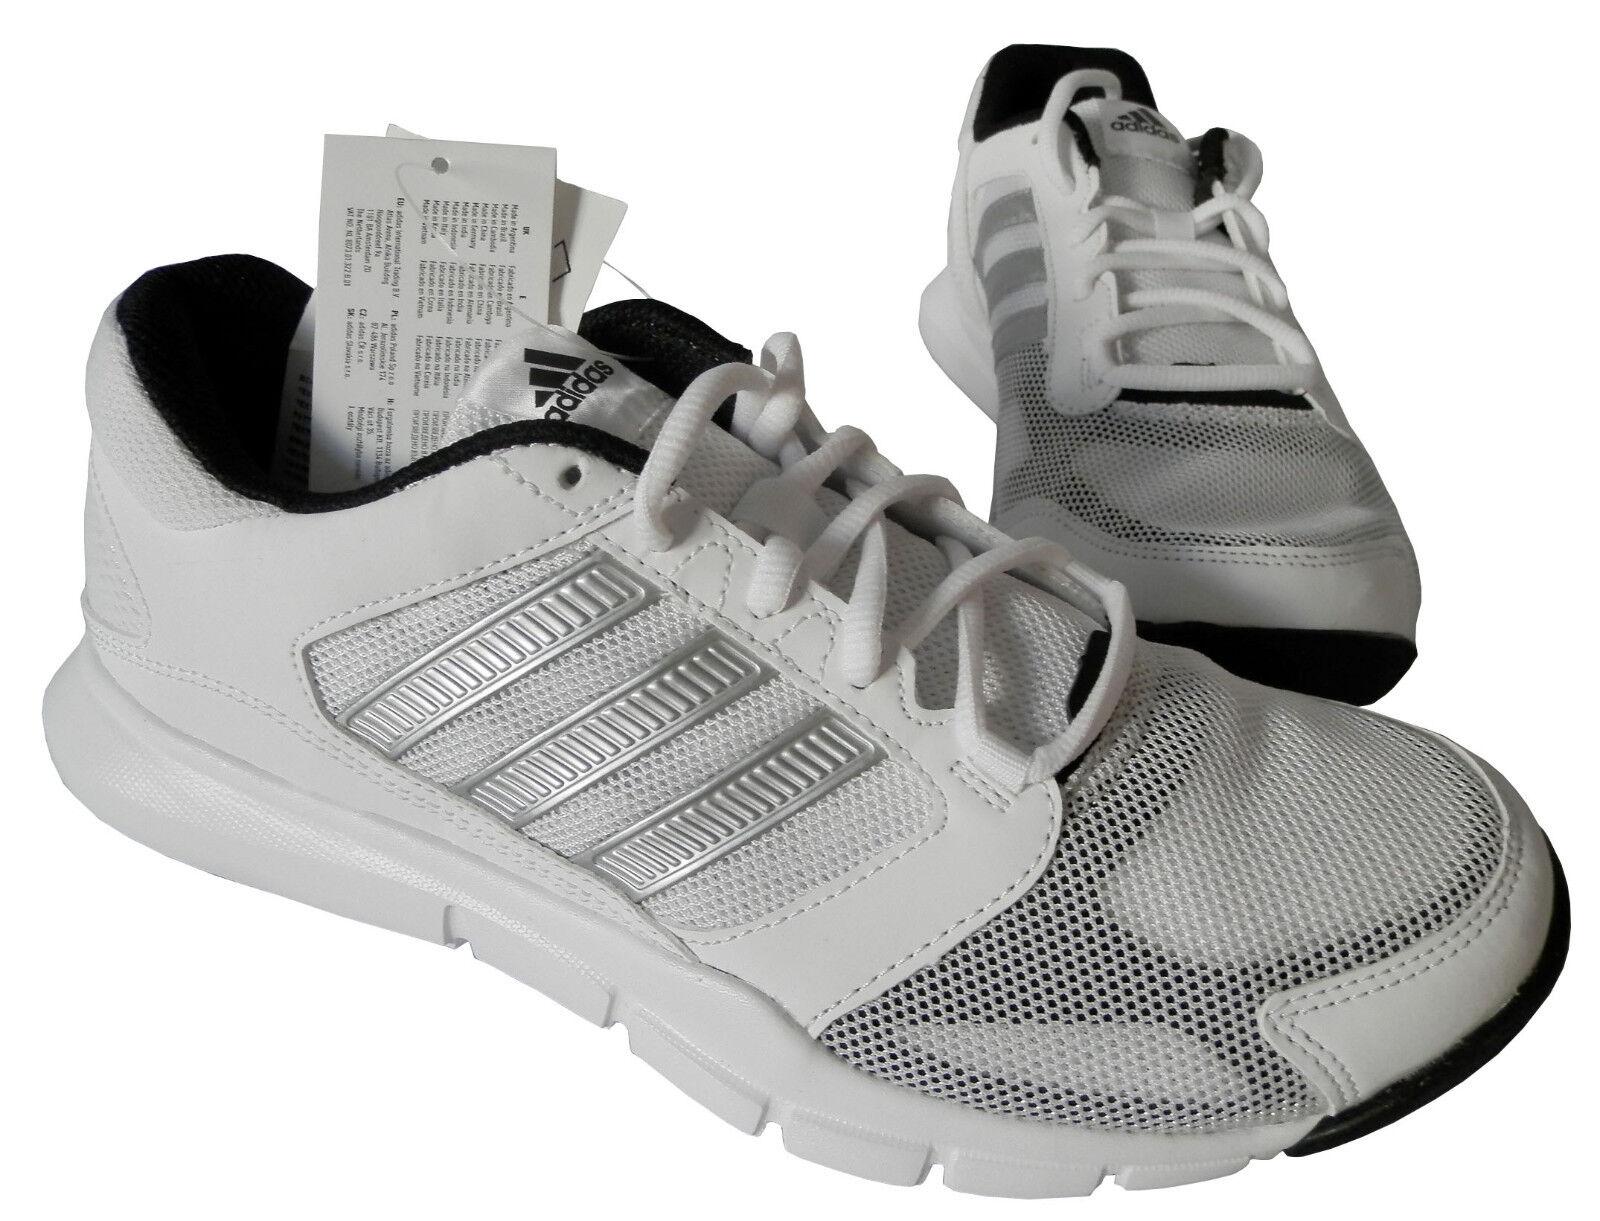 Adidas Essential Star M Herren Sneaker Laufschuhe Trainingsschuhe Weiss Neu